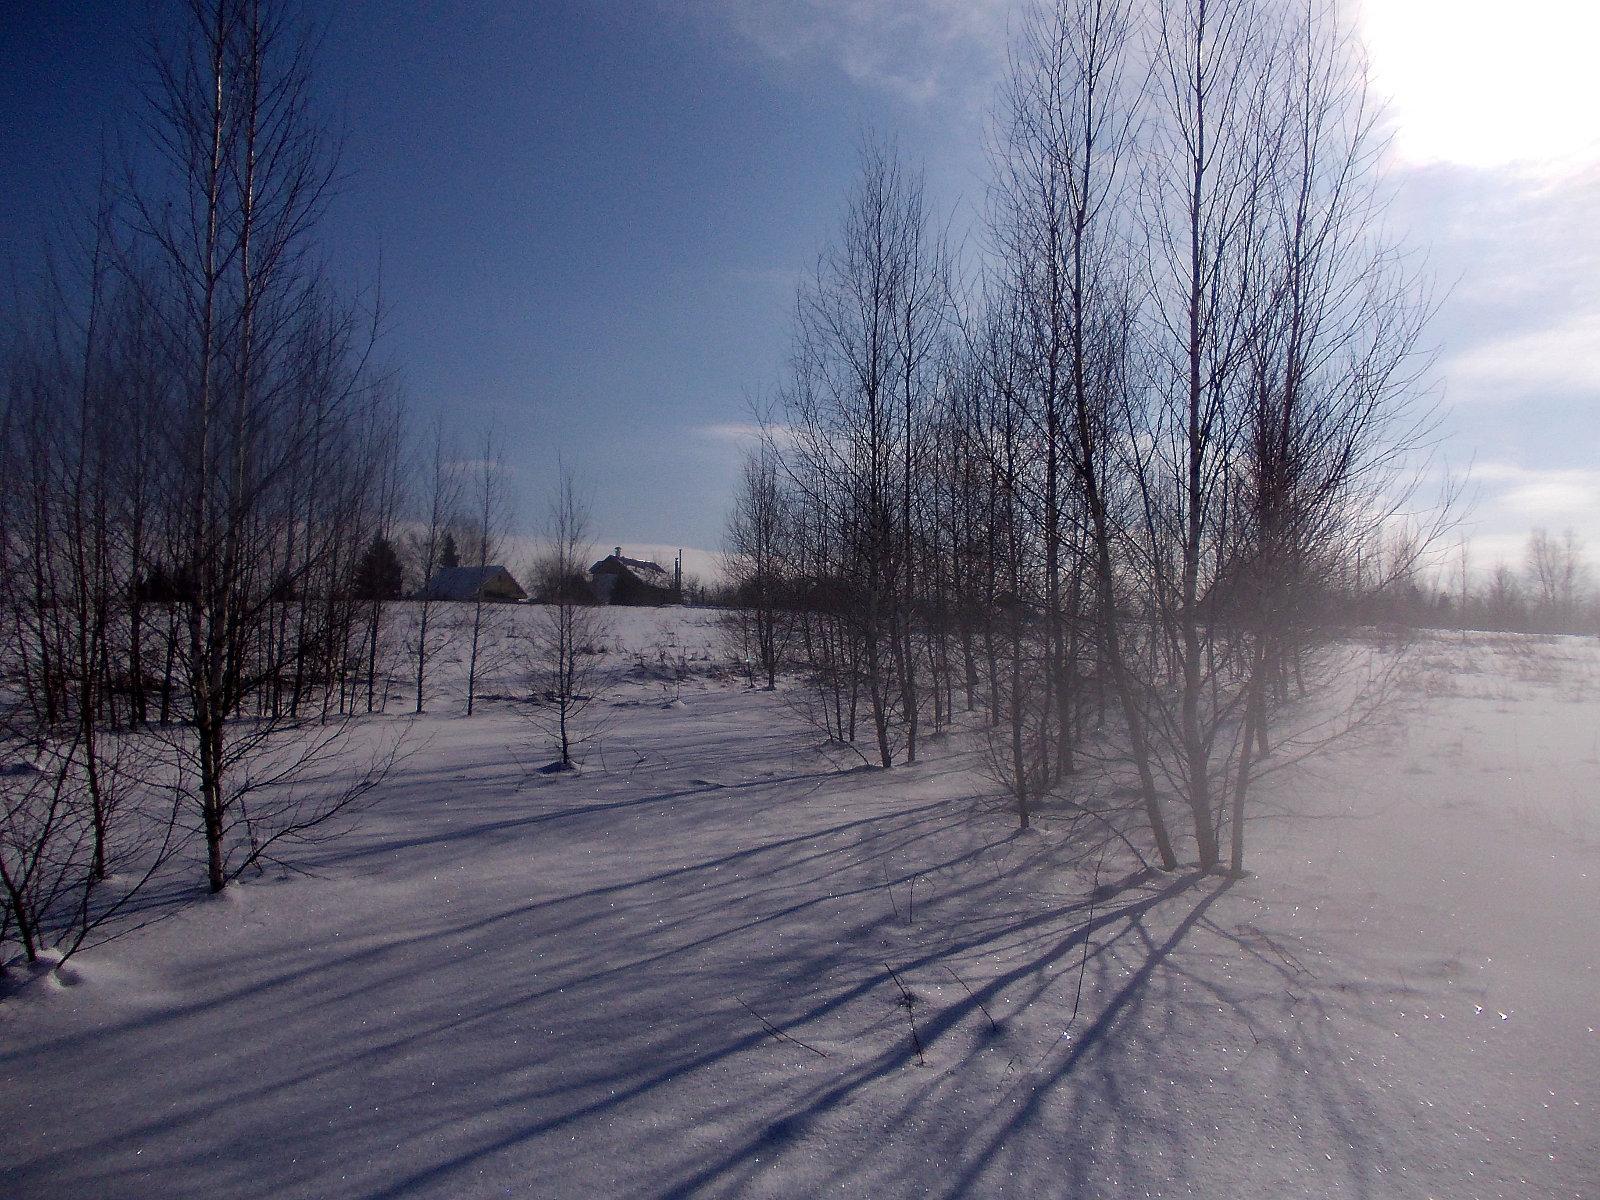 Фотоотчет о ПВД 23.02.2013 (фото Александра Смирнова)